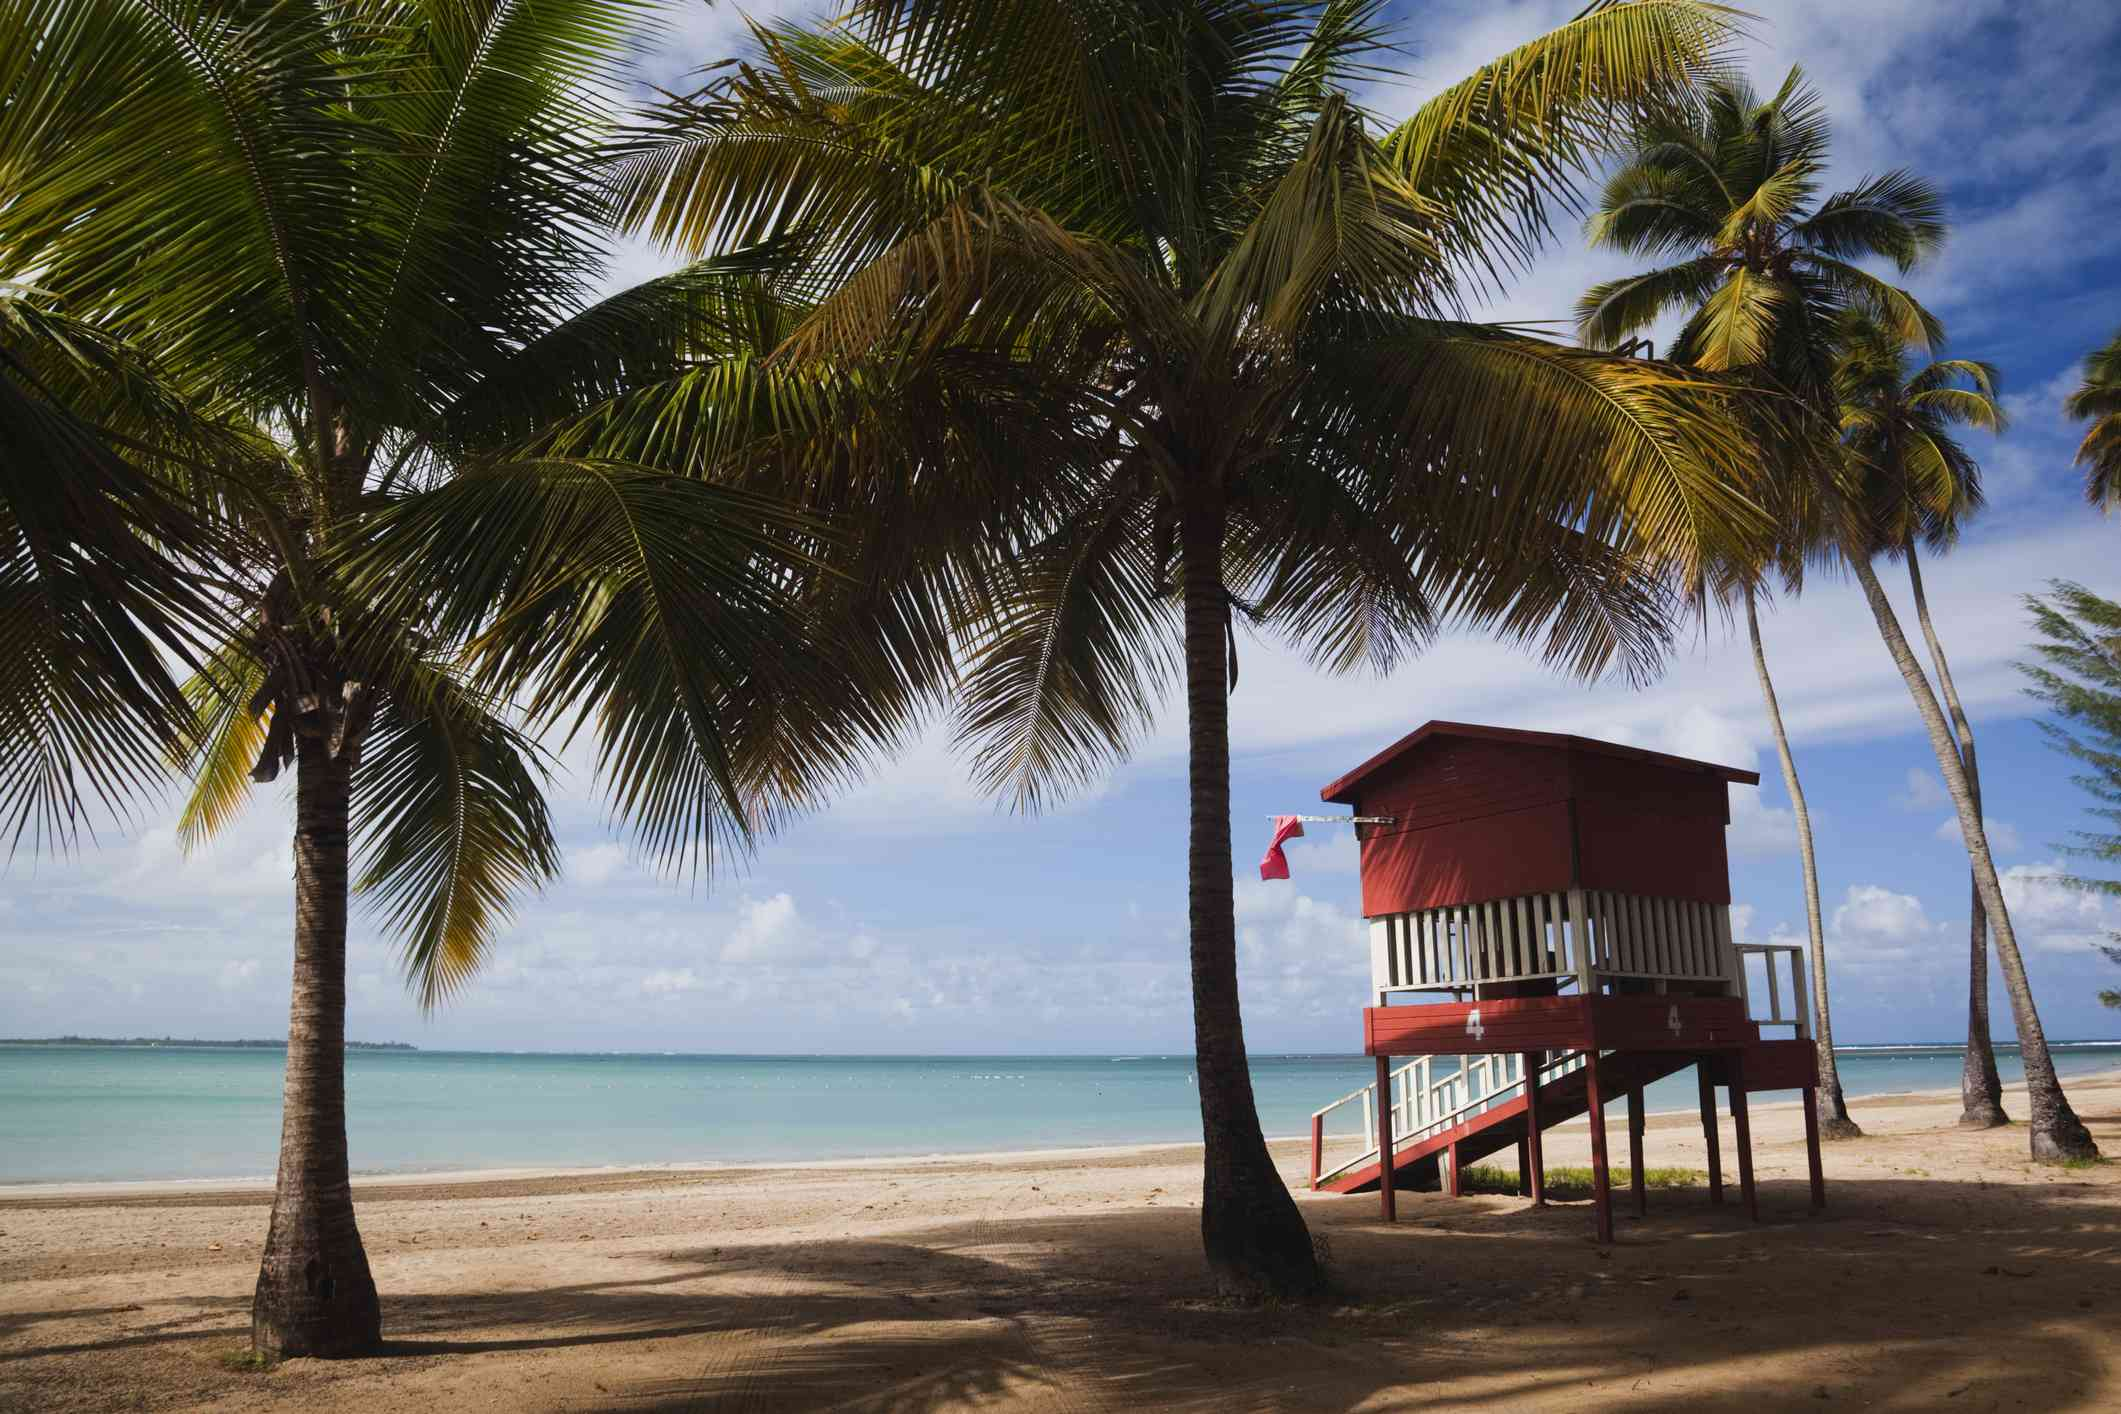 Playa Luquillo Beach